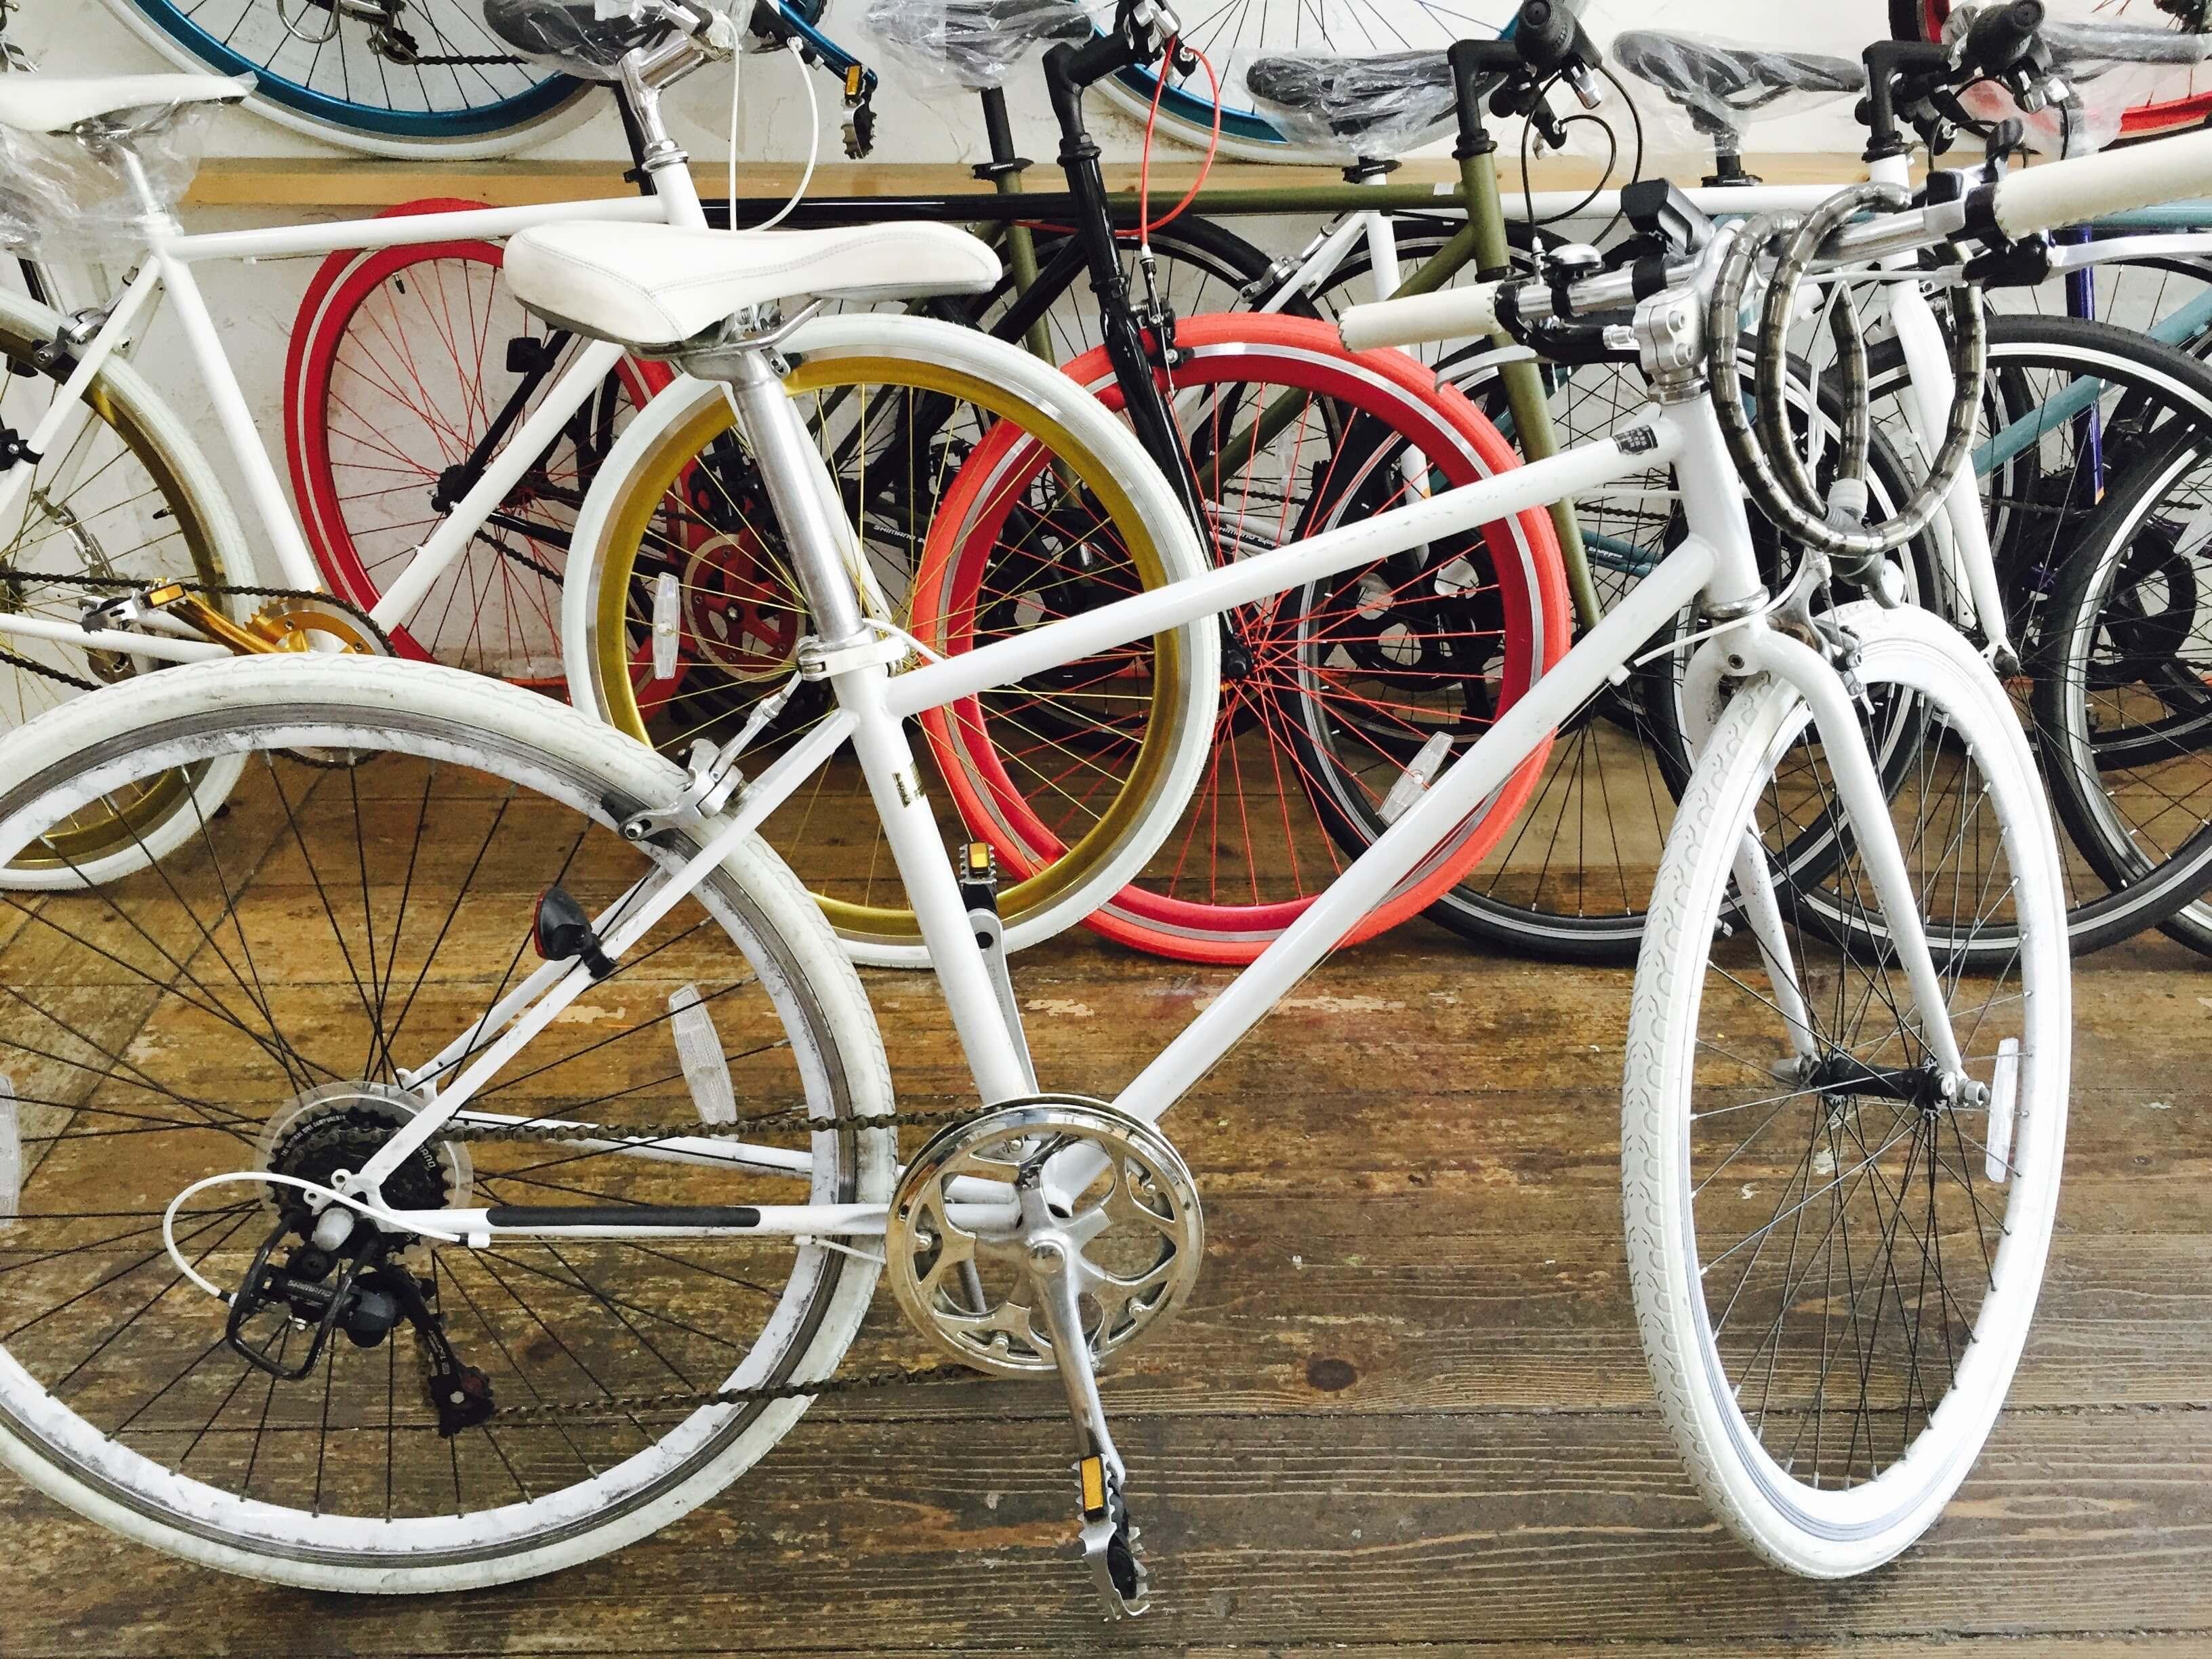 不 限 腳 踏 車 種 ,一 律 一 小 1 0 0 日 圓 。